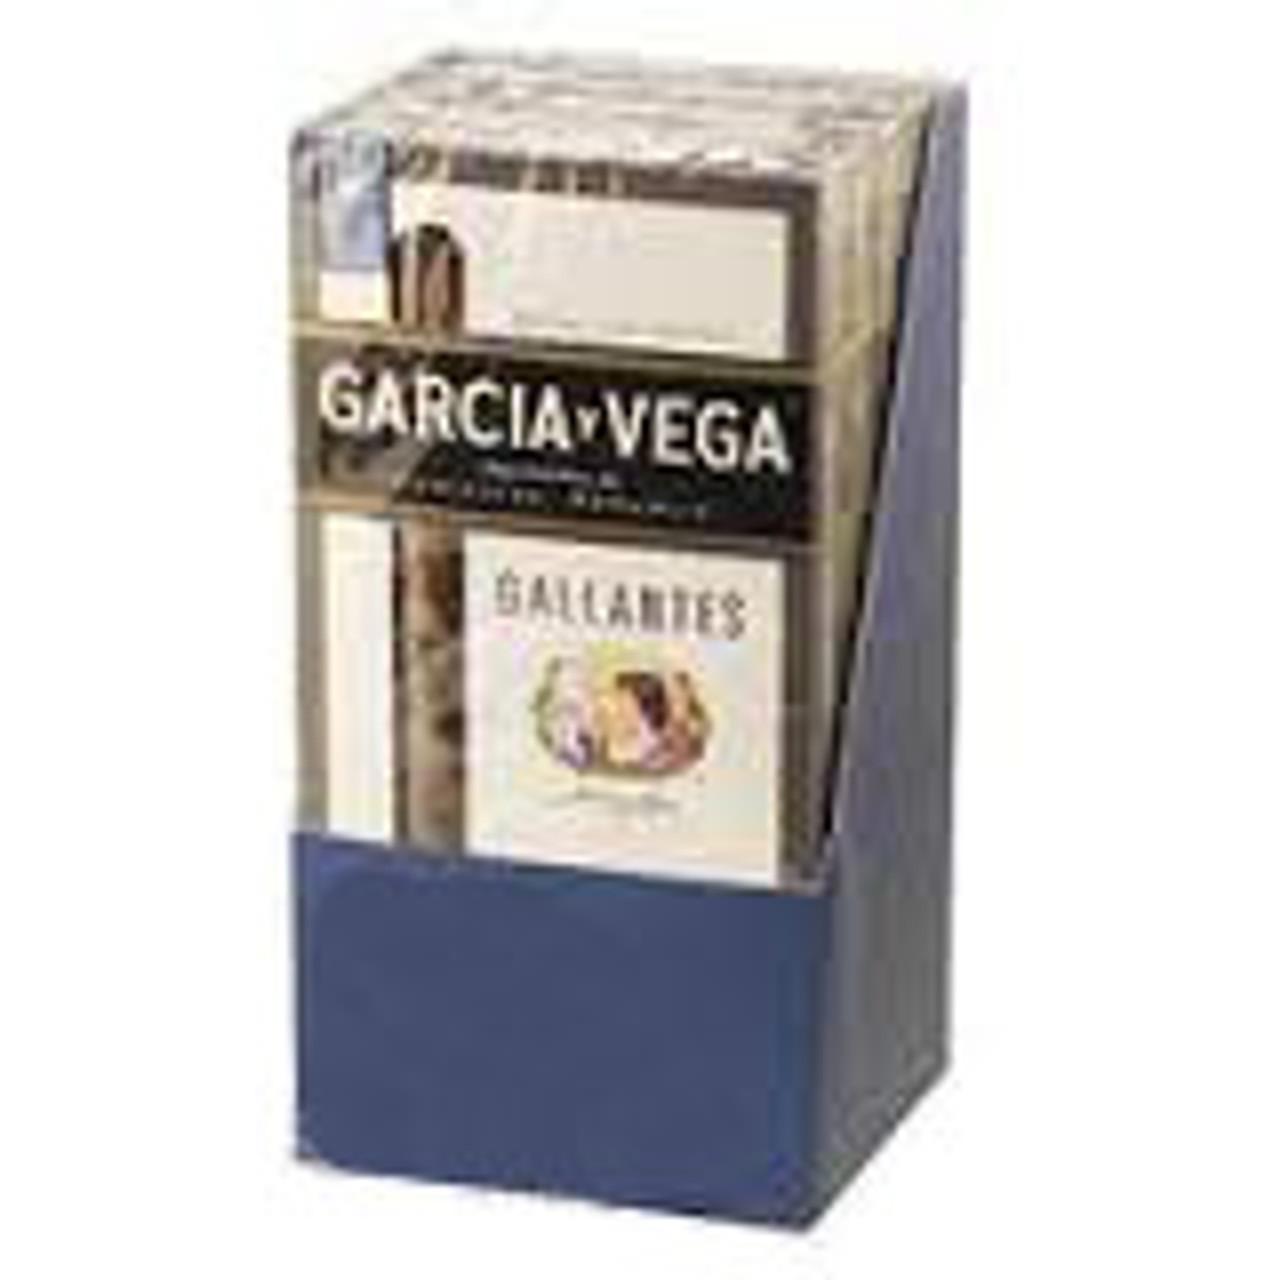 Garcia Y Vega Gallante Cigars (5 Packs Of 6) - Natural